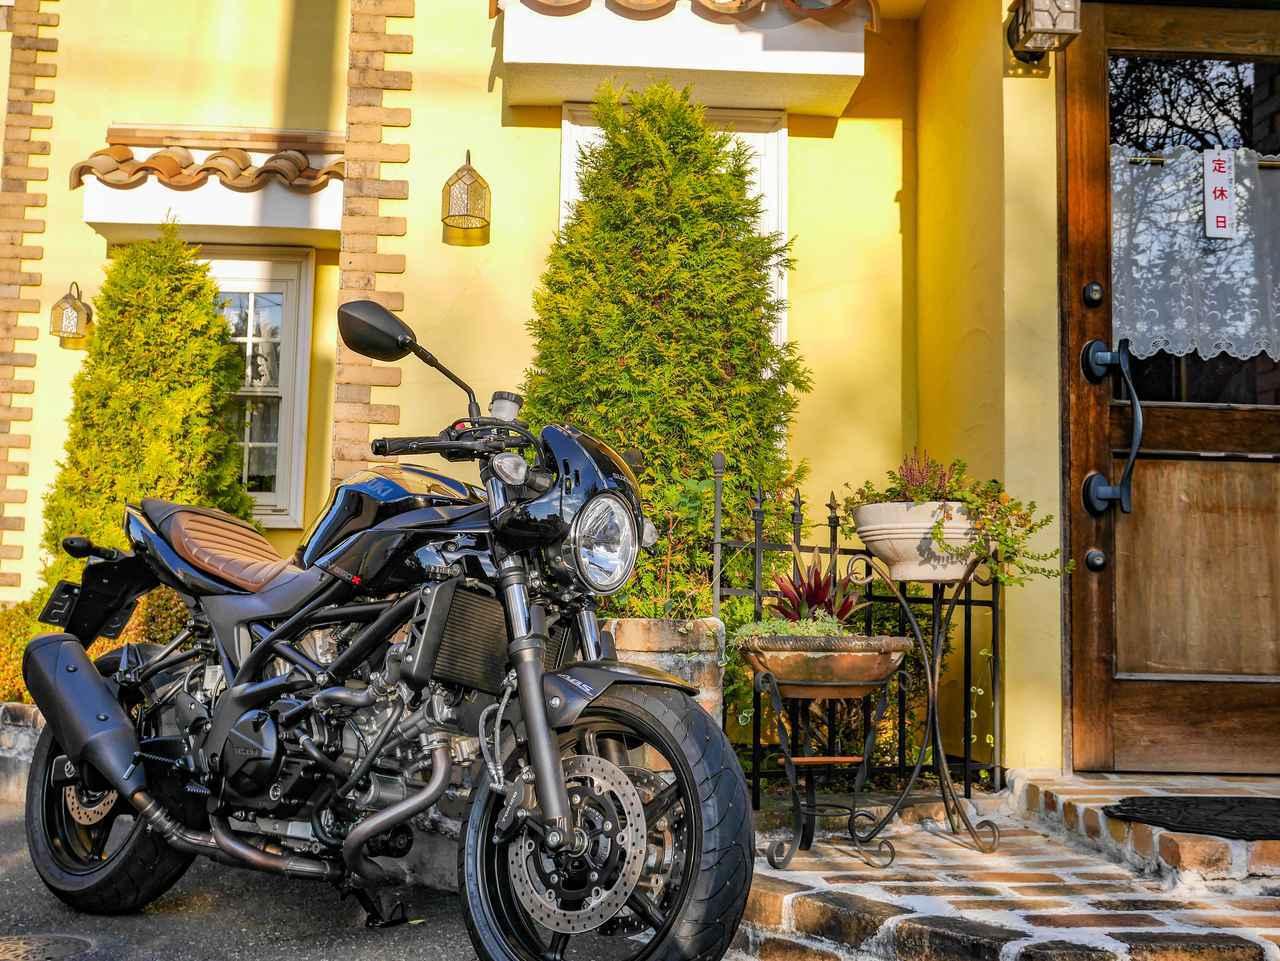 画像1: 快適とは言わないけどキツくもない。スズキ『SV650X』が疲れにくい2つのアドバンテージ! - スズキのバイク!